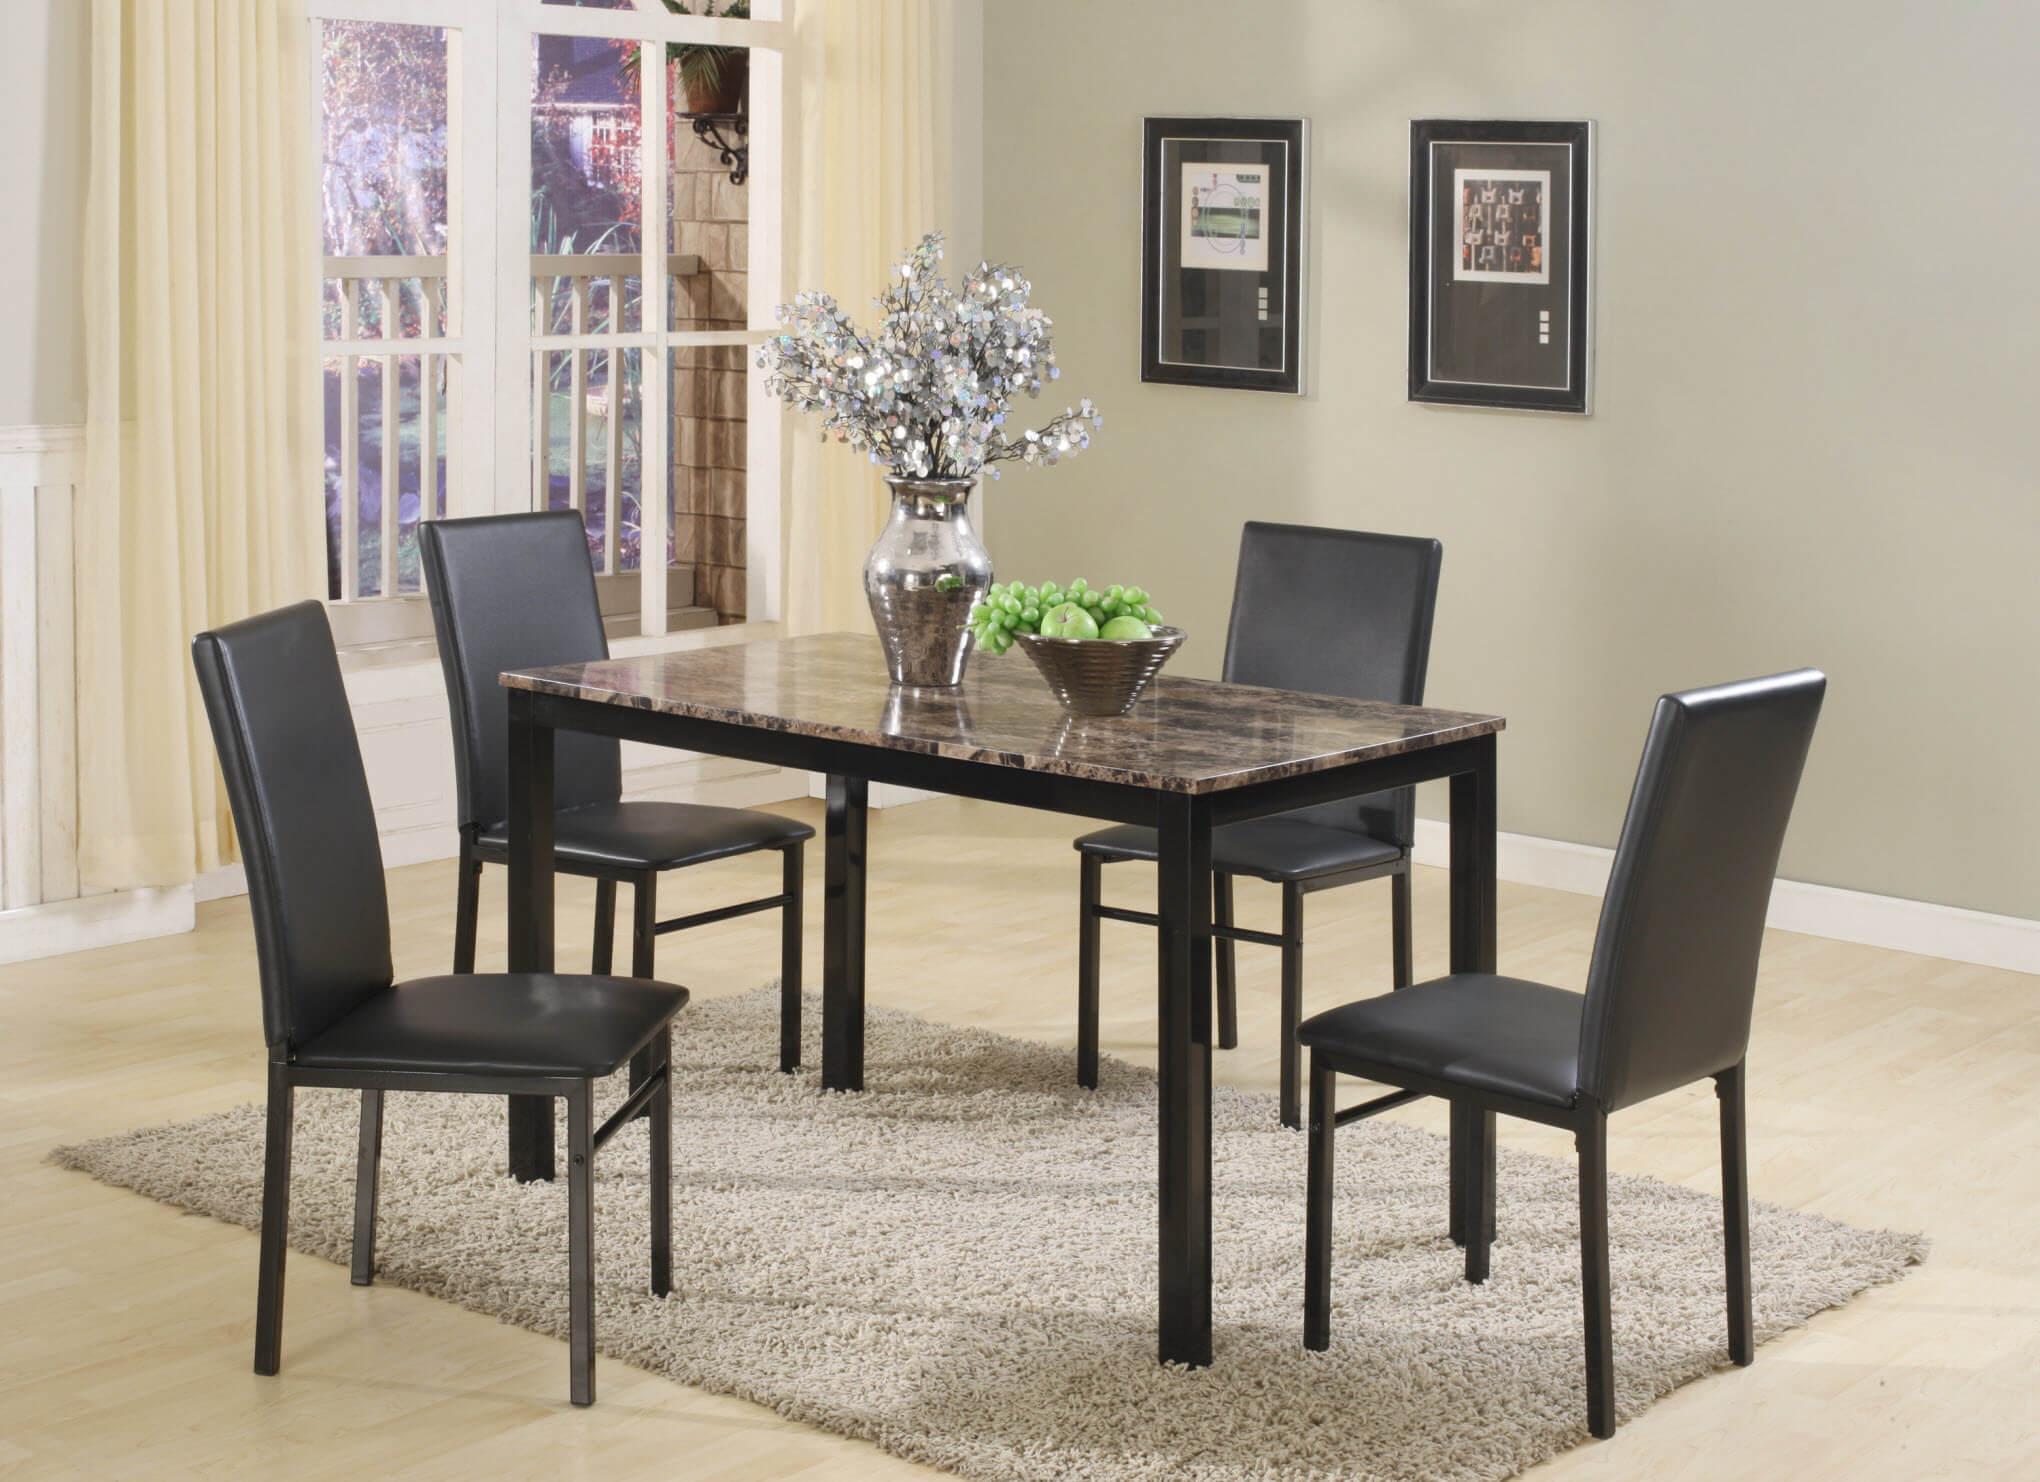 Aiden black metal 5 pc dining set dining room furniture sets for Black dining set